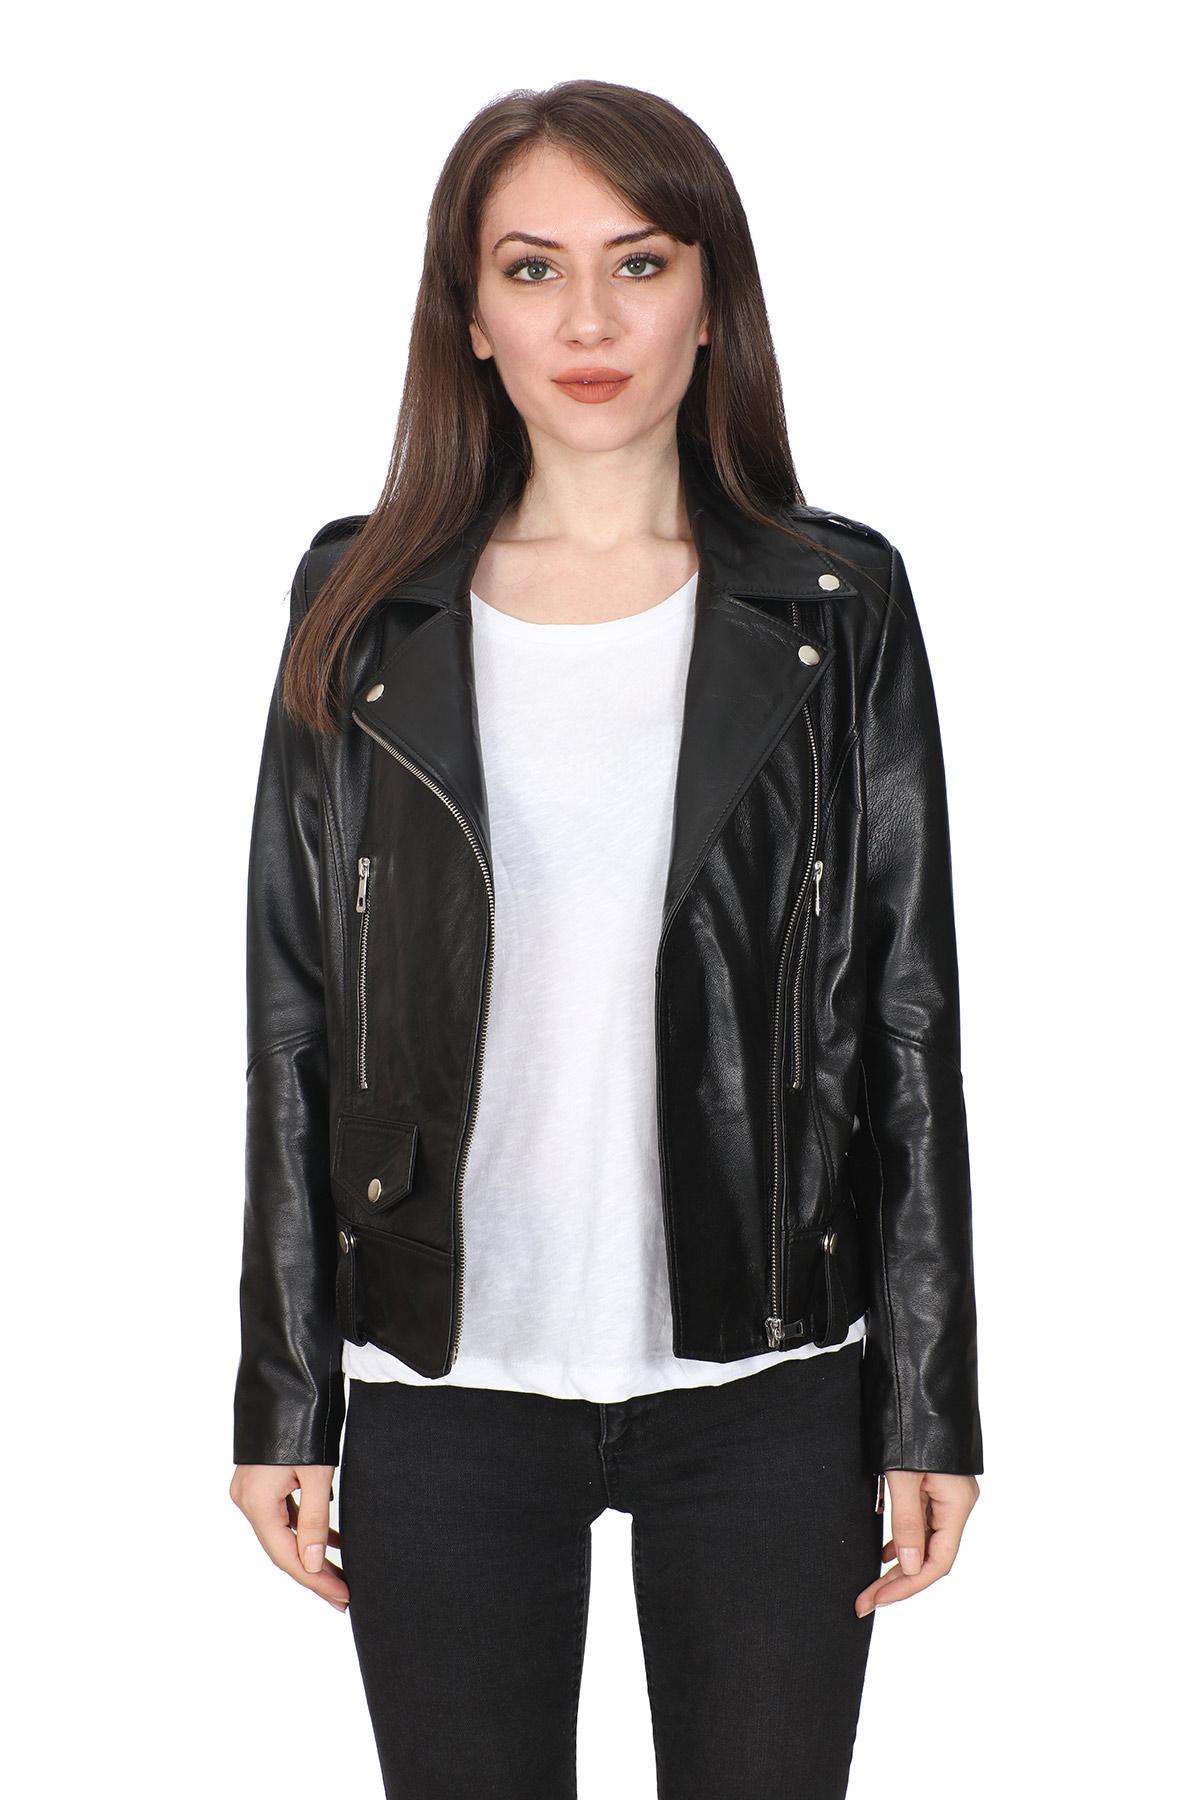 Zoe Black Women's Sporty Leather Jacket